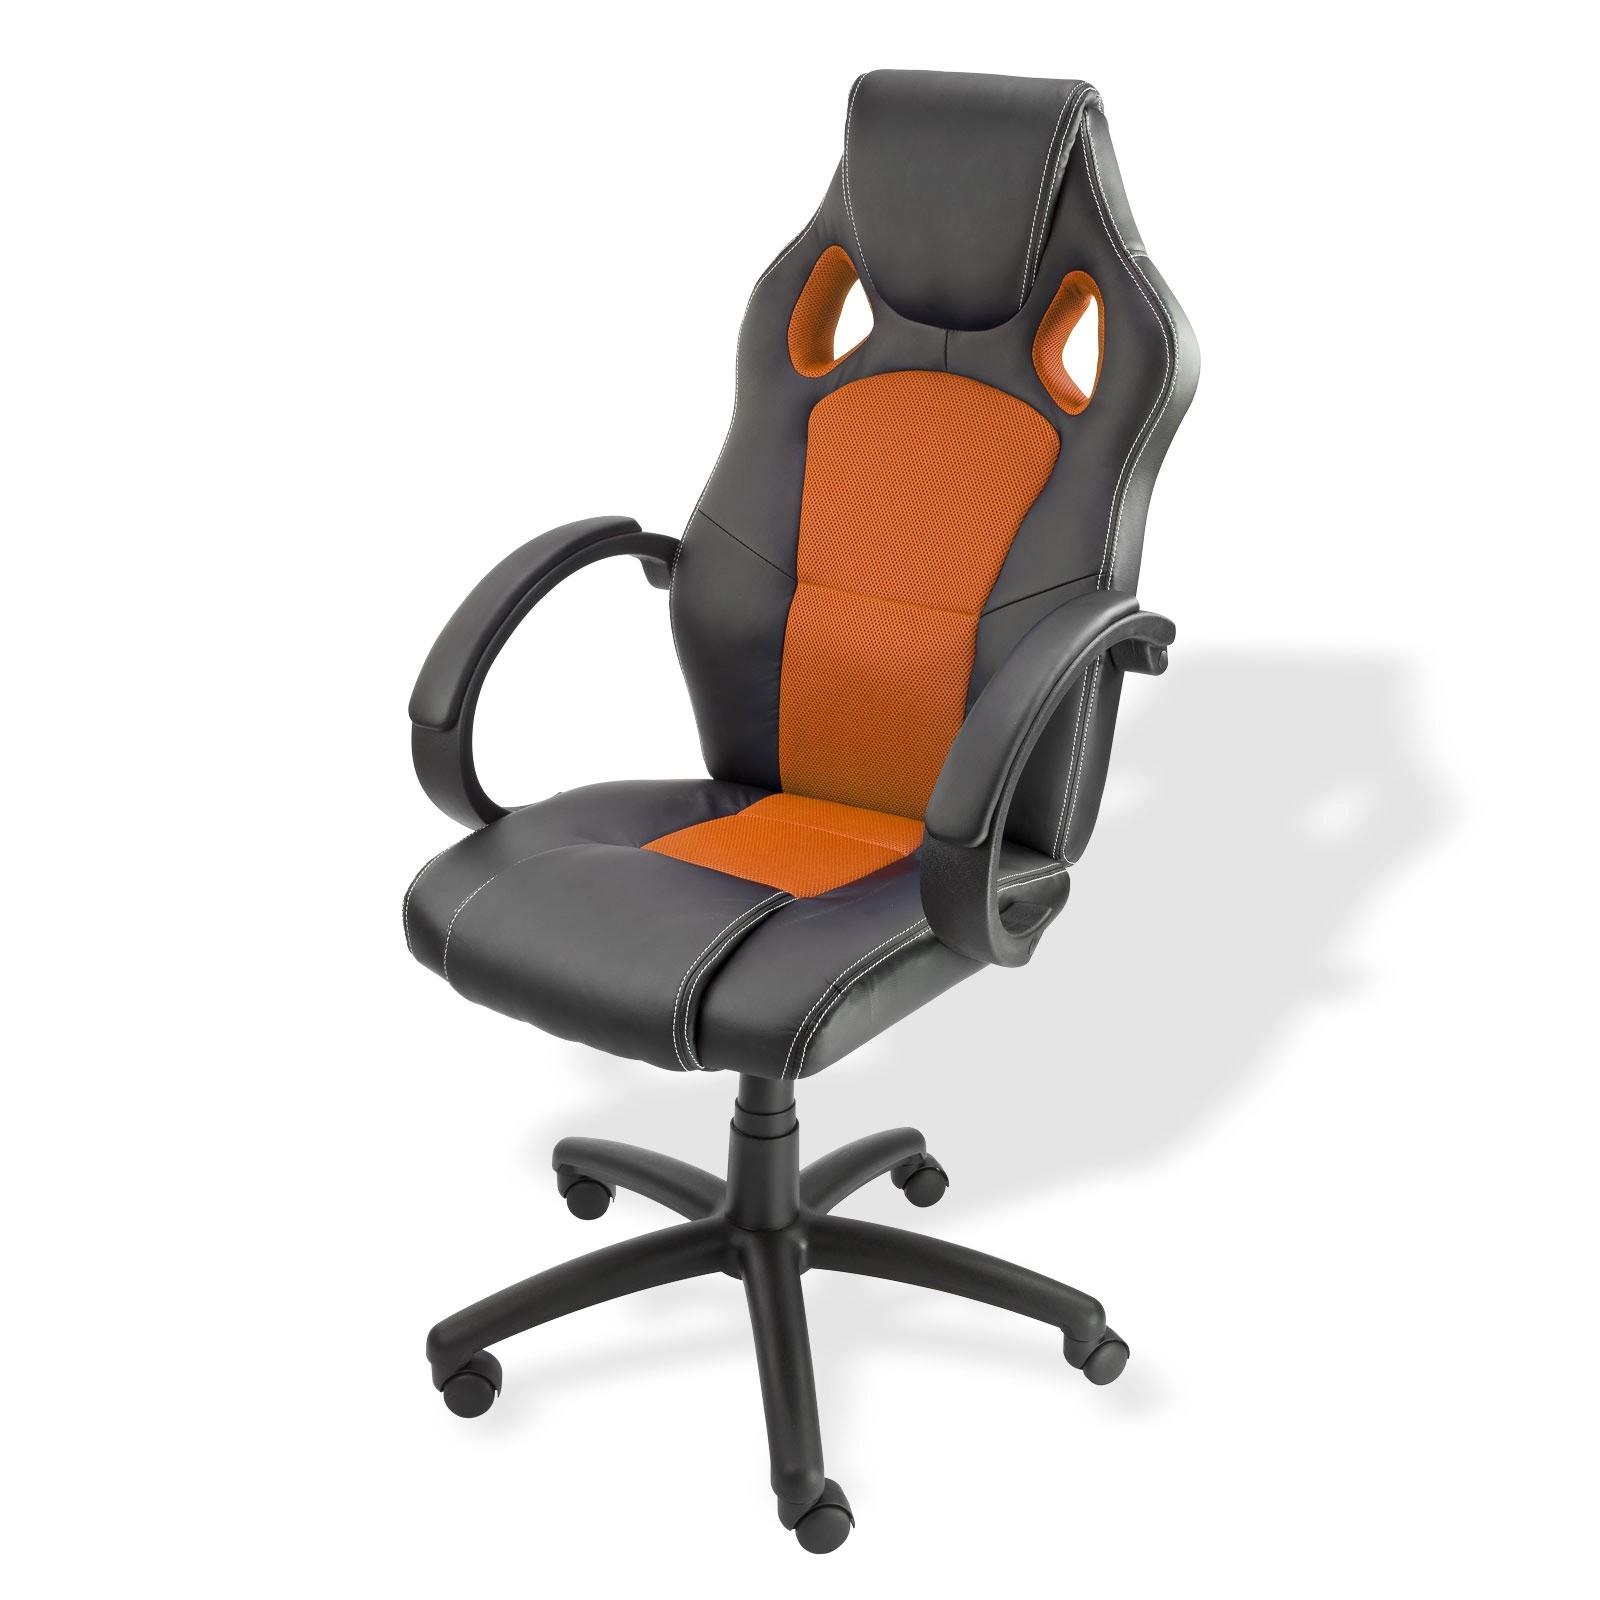 Dema Bürostuhl / Schreibtischstuhl Clermont - Farbe nach Wahl var-drehstuhl